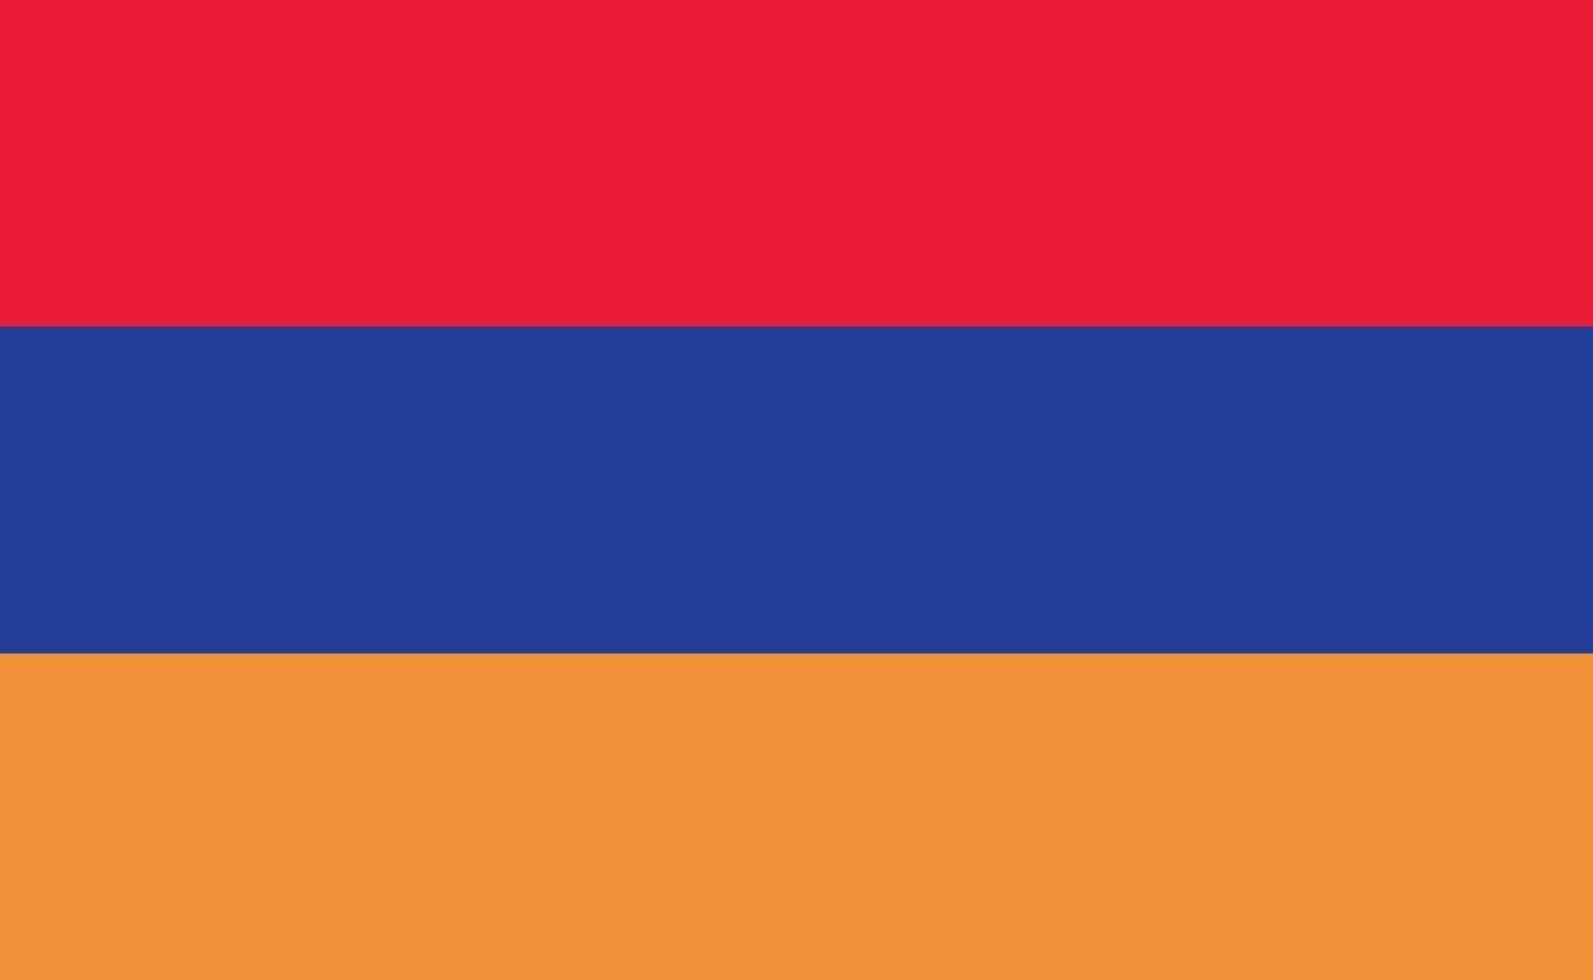 drapeau national arménie dans des proportions exactes - illustration vectorielle vecteur